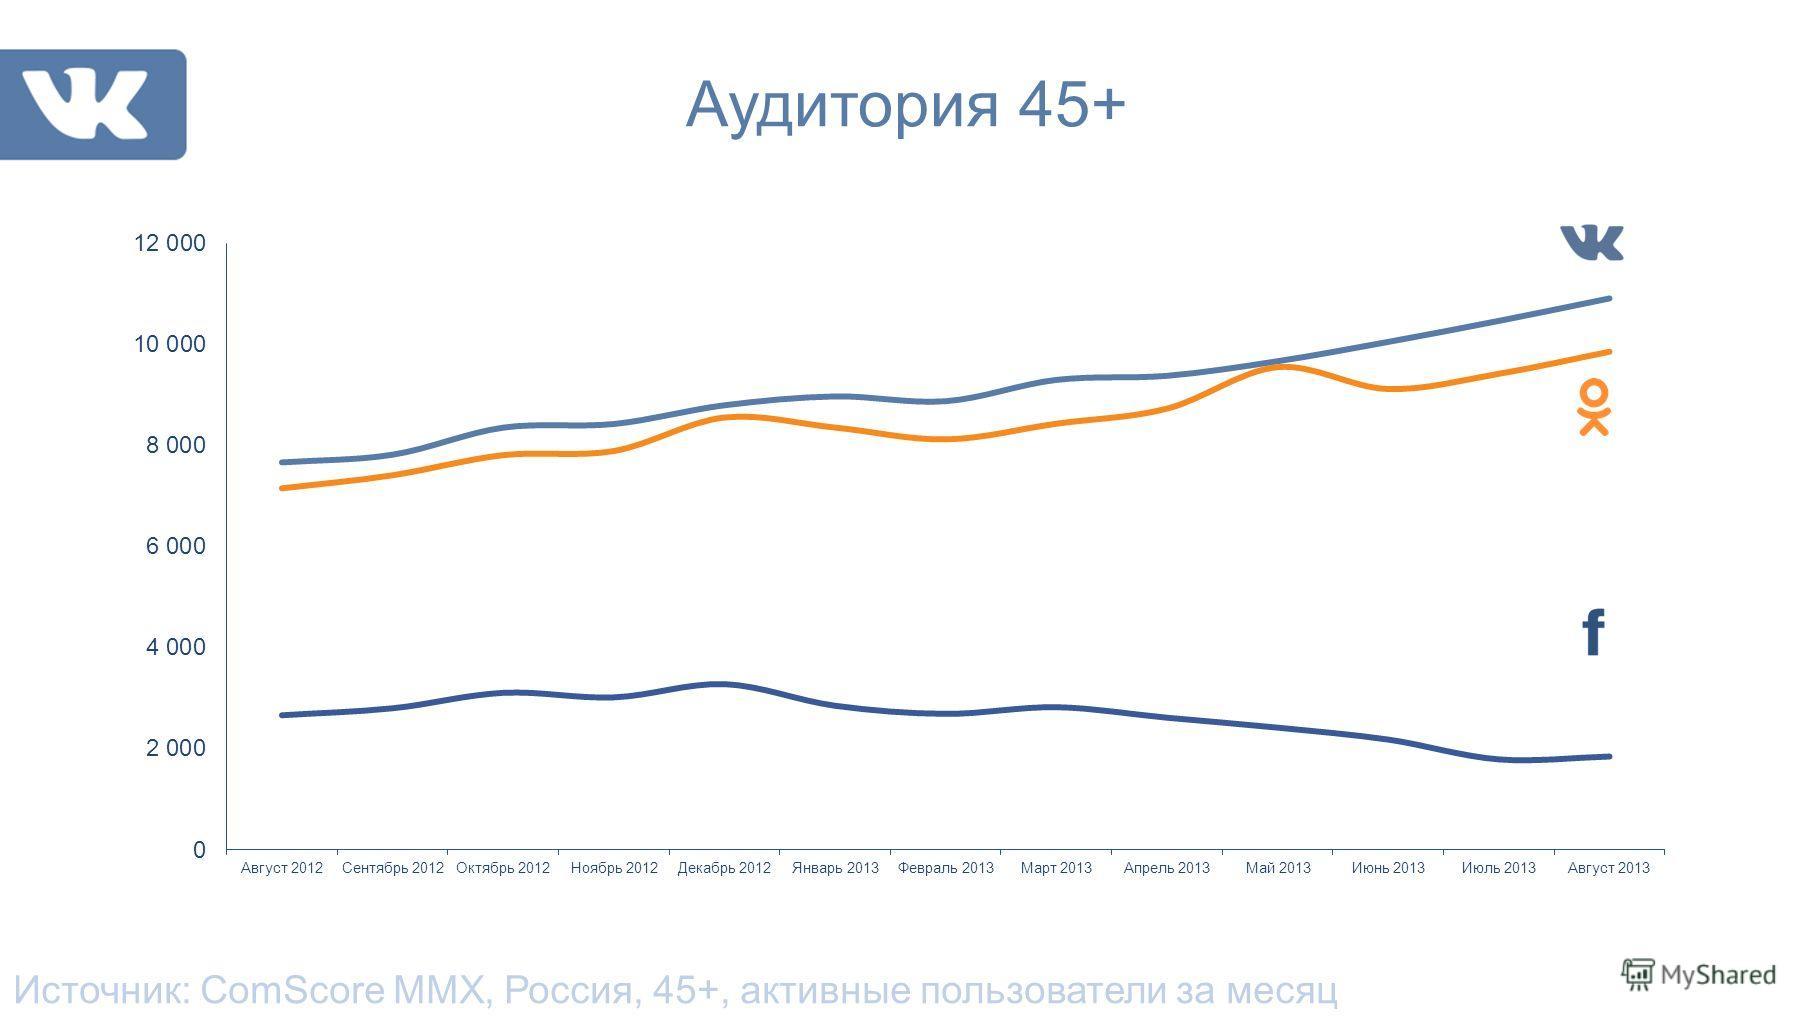 Аудитория 45+ Источник: ComScore MMX, Россия, 45+, активные пользователи за месяц